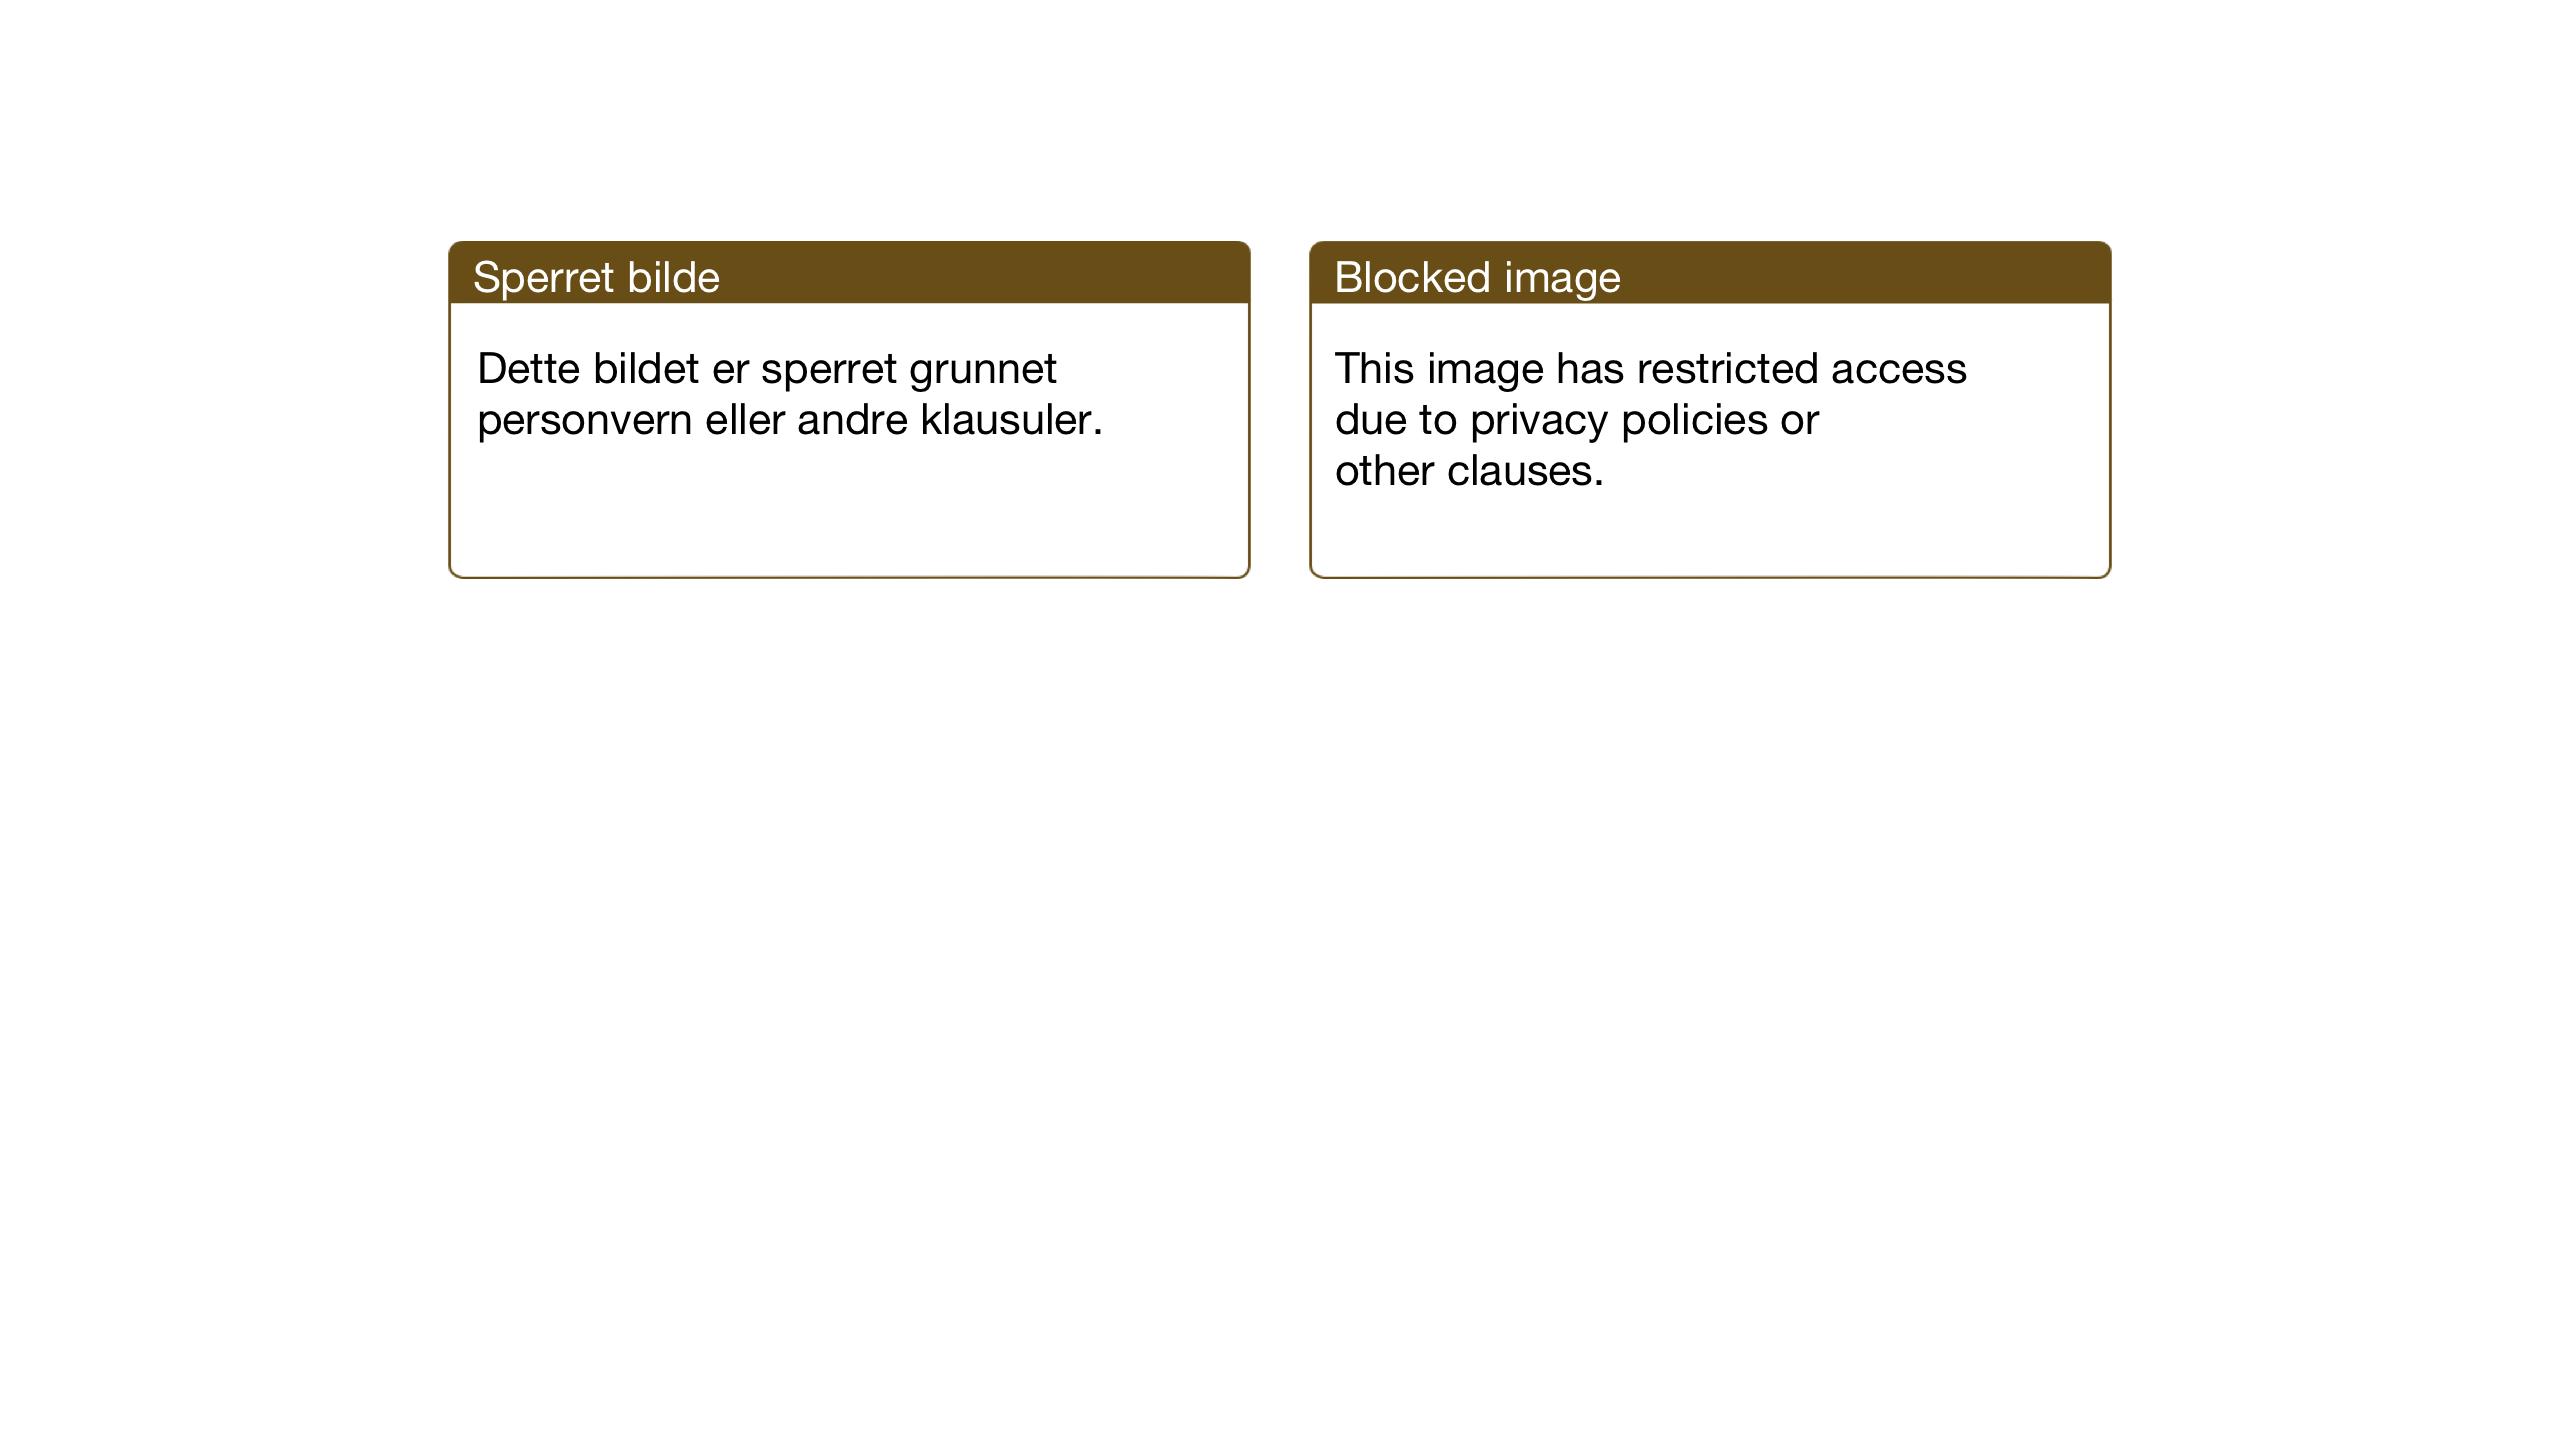 SAT, Ministerialprotokoller, klokkerbøker og fødselsregistre - Sør-Trøndelag, 651/L0648: Klokkerbok nr. 651C02, 1915-1945, s. 67